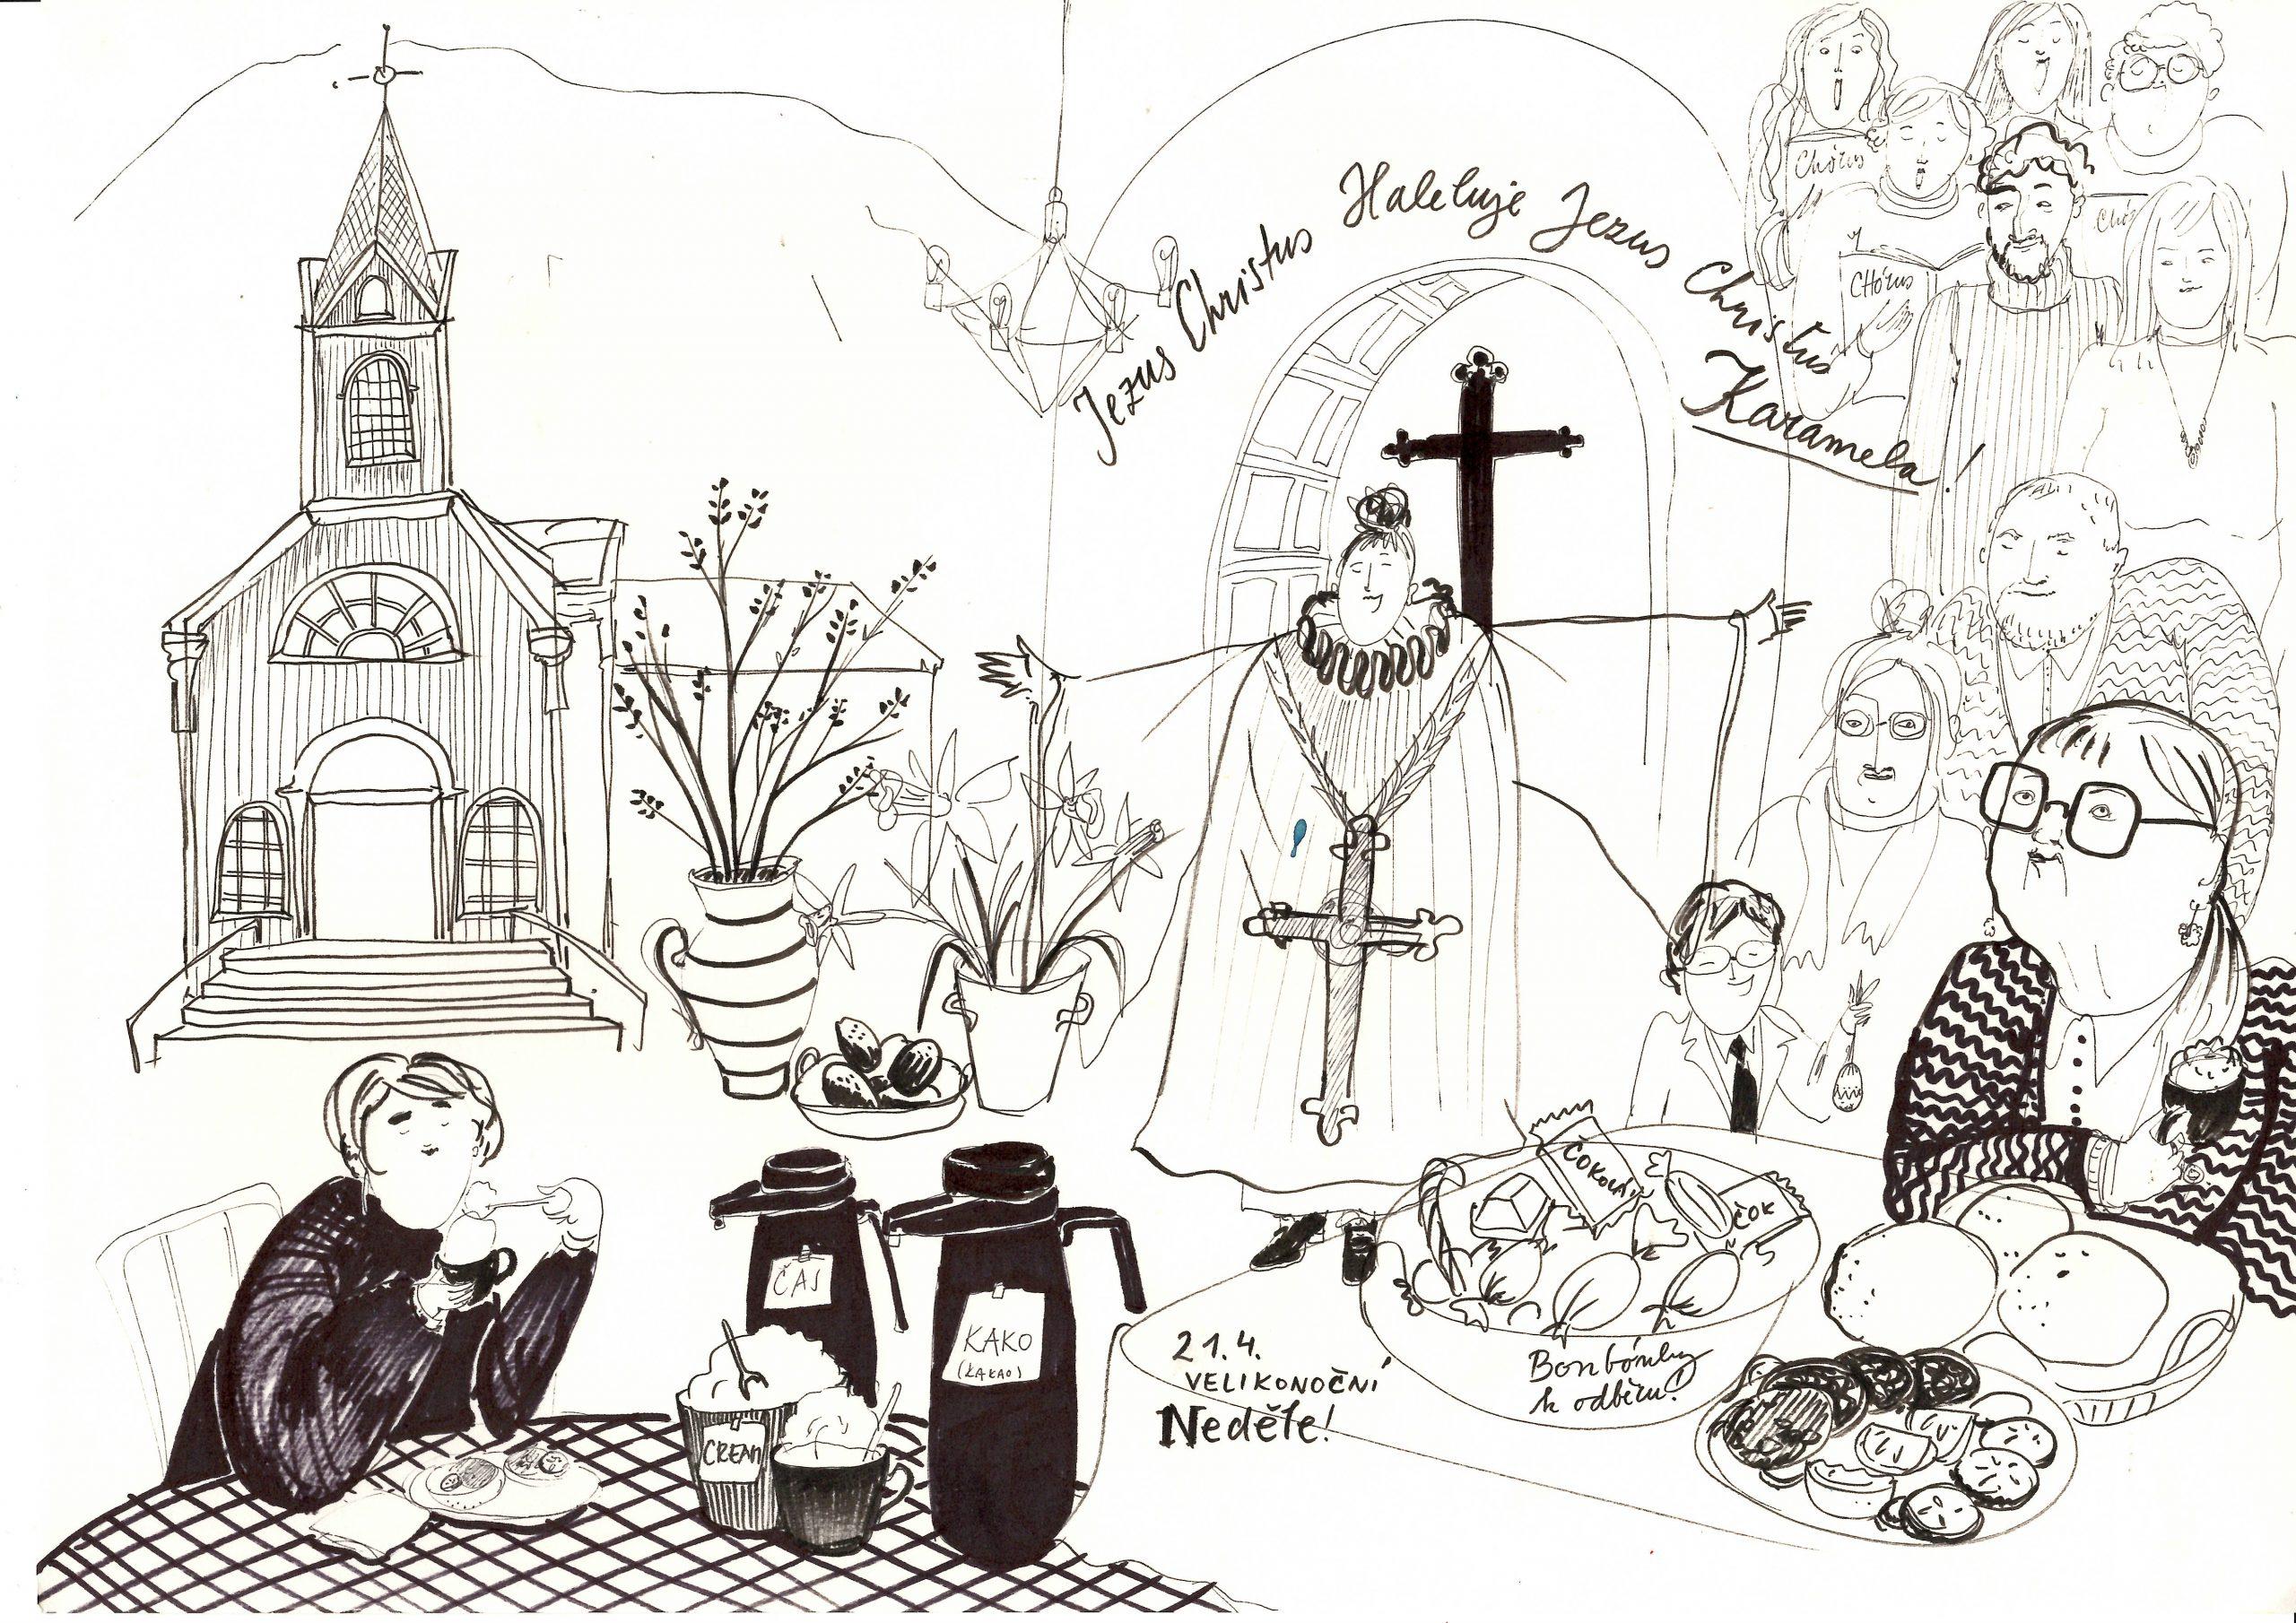 Páskamessa í Seyðisfjarðarkikju 2019 Anna Matnikova